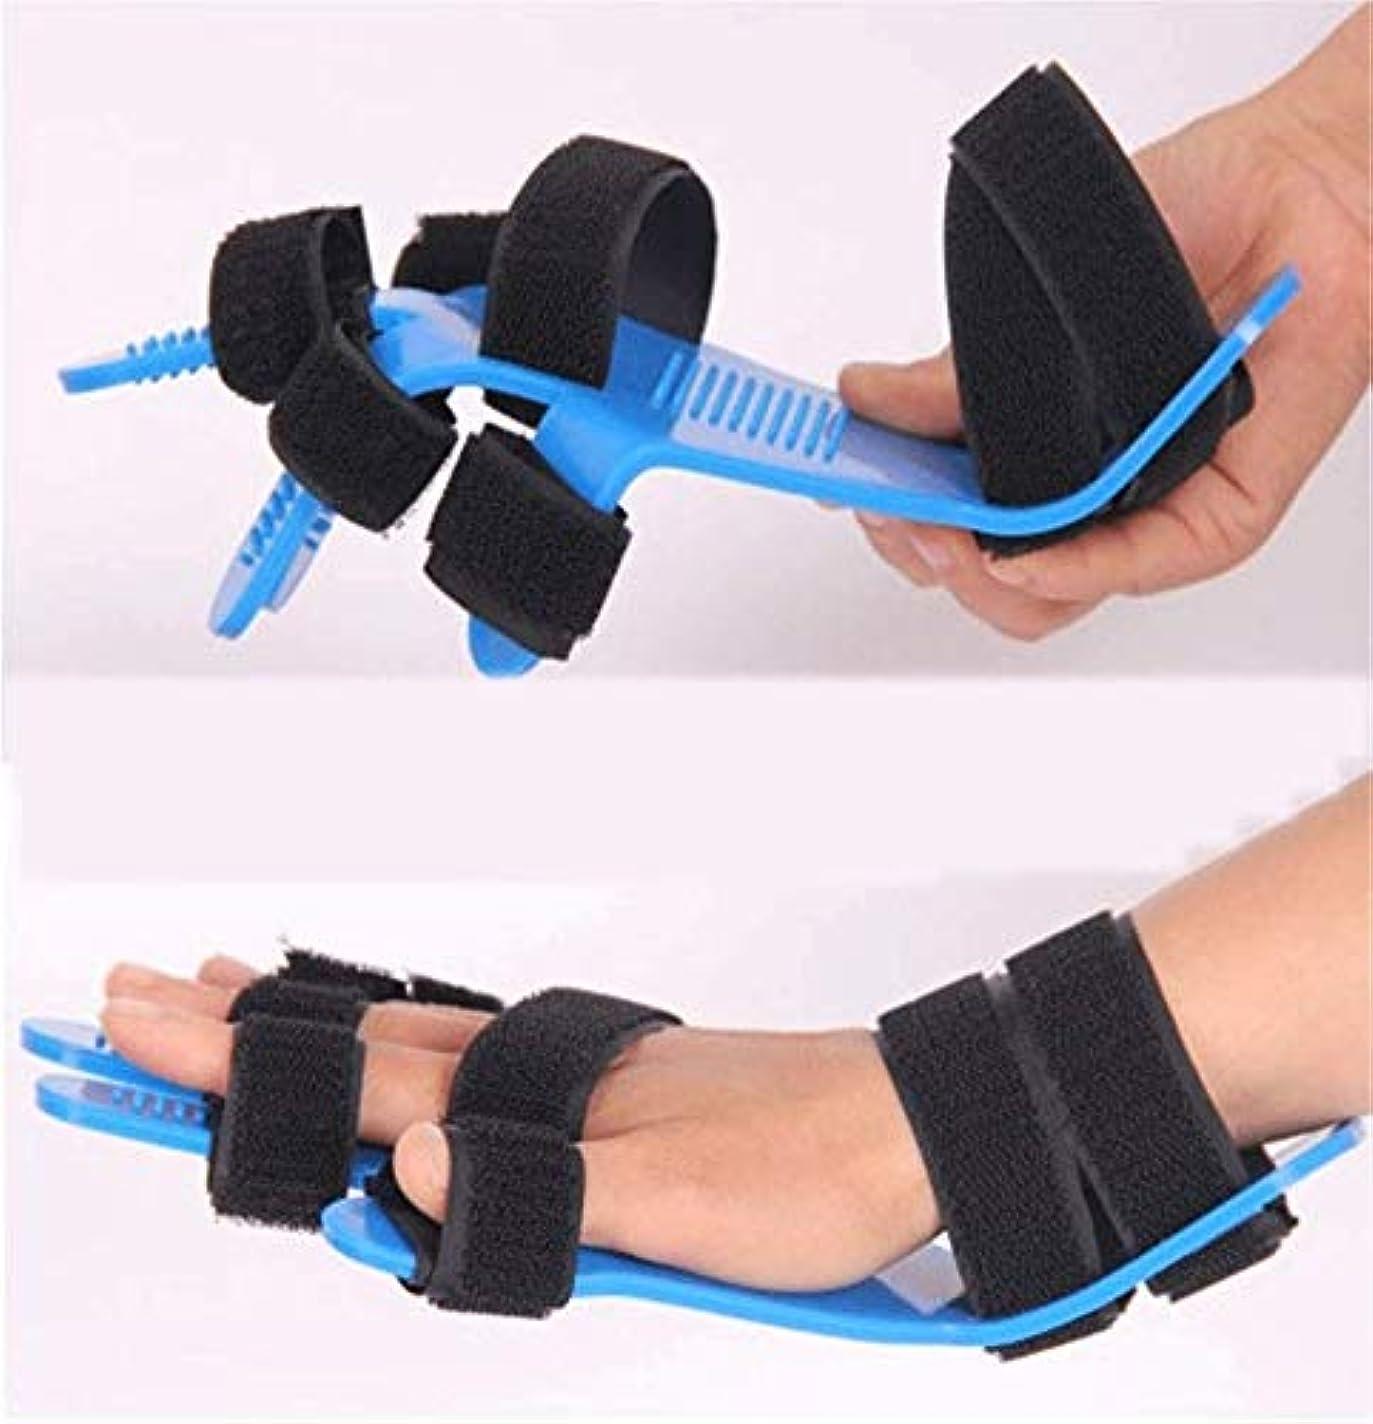 テニス甘美な管理セパレータインソールフィンガー拡張スプリントばね指スプリント、指の骨折、傷、術後ケアと痛み-ReliefBoth左右の手指